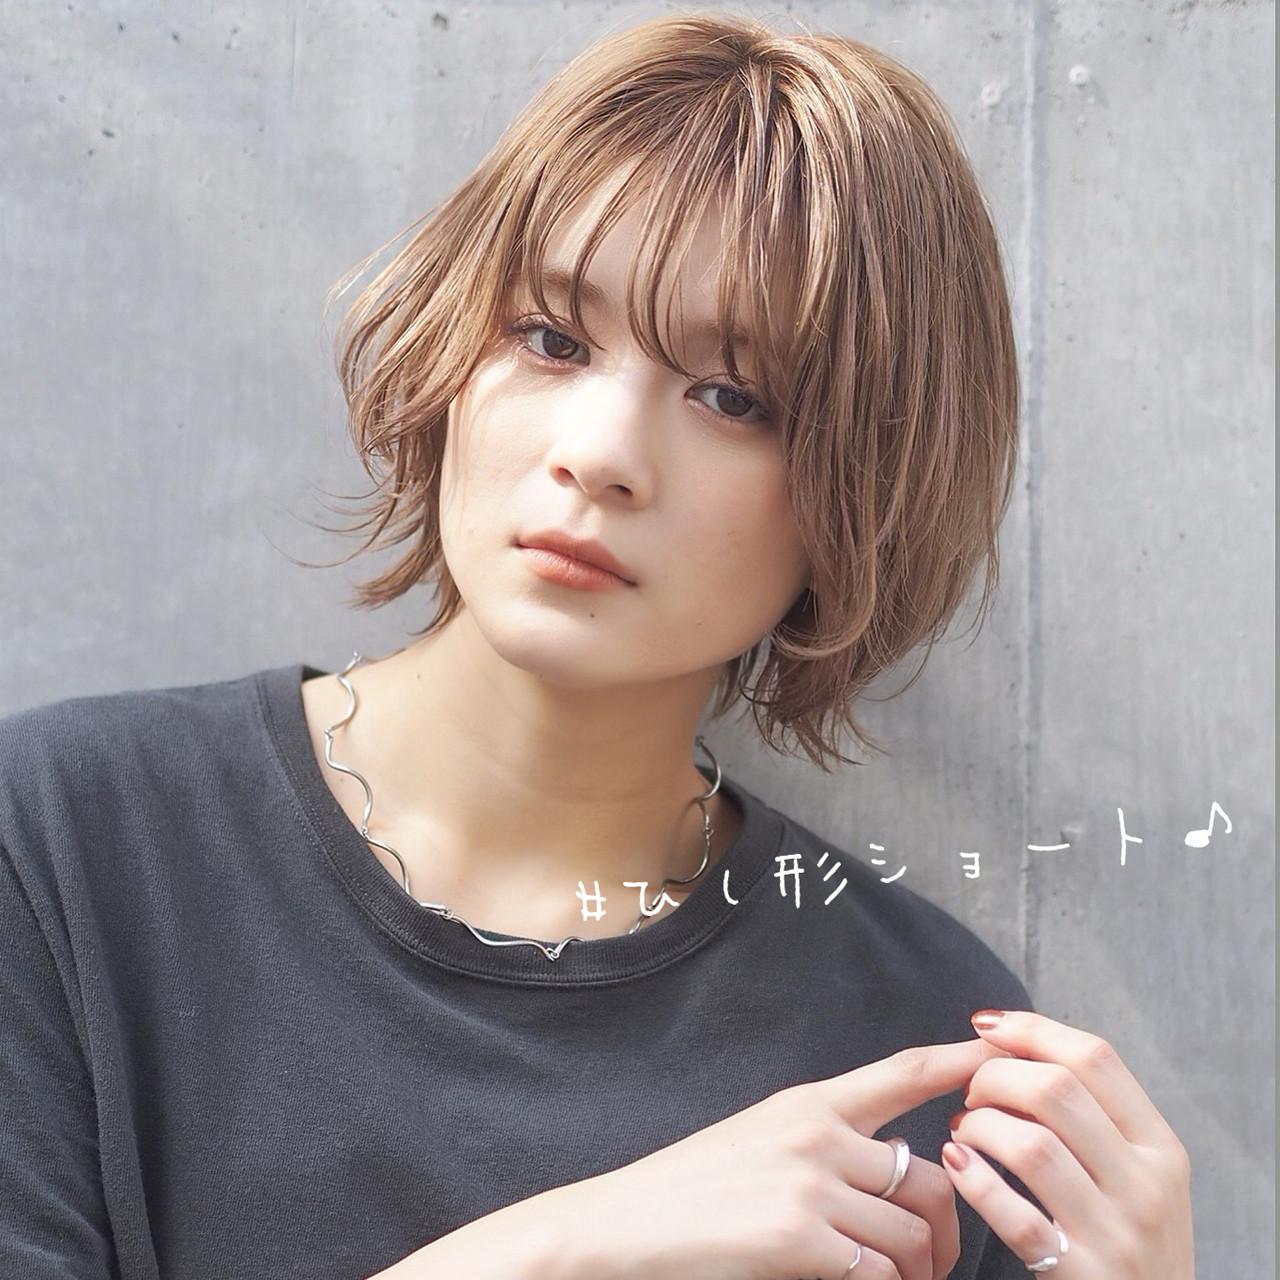 ミニボブ 切りっぱなしボブ ショートボブ ショートヘア ヘアスタイルや髪型の写真・画像 | Natsuko Kodama 児玉奈都子 / dydi